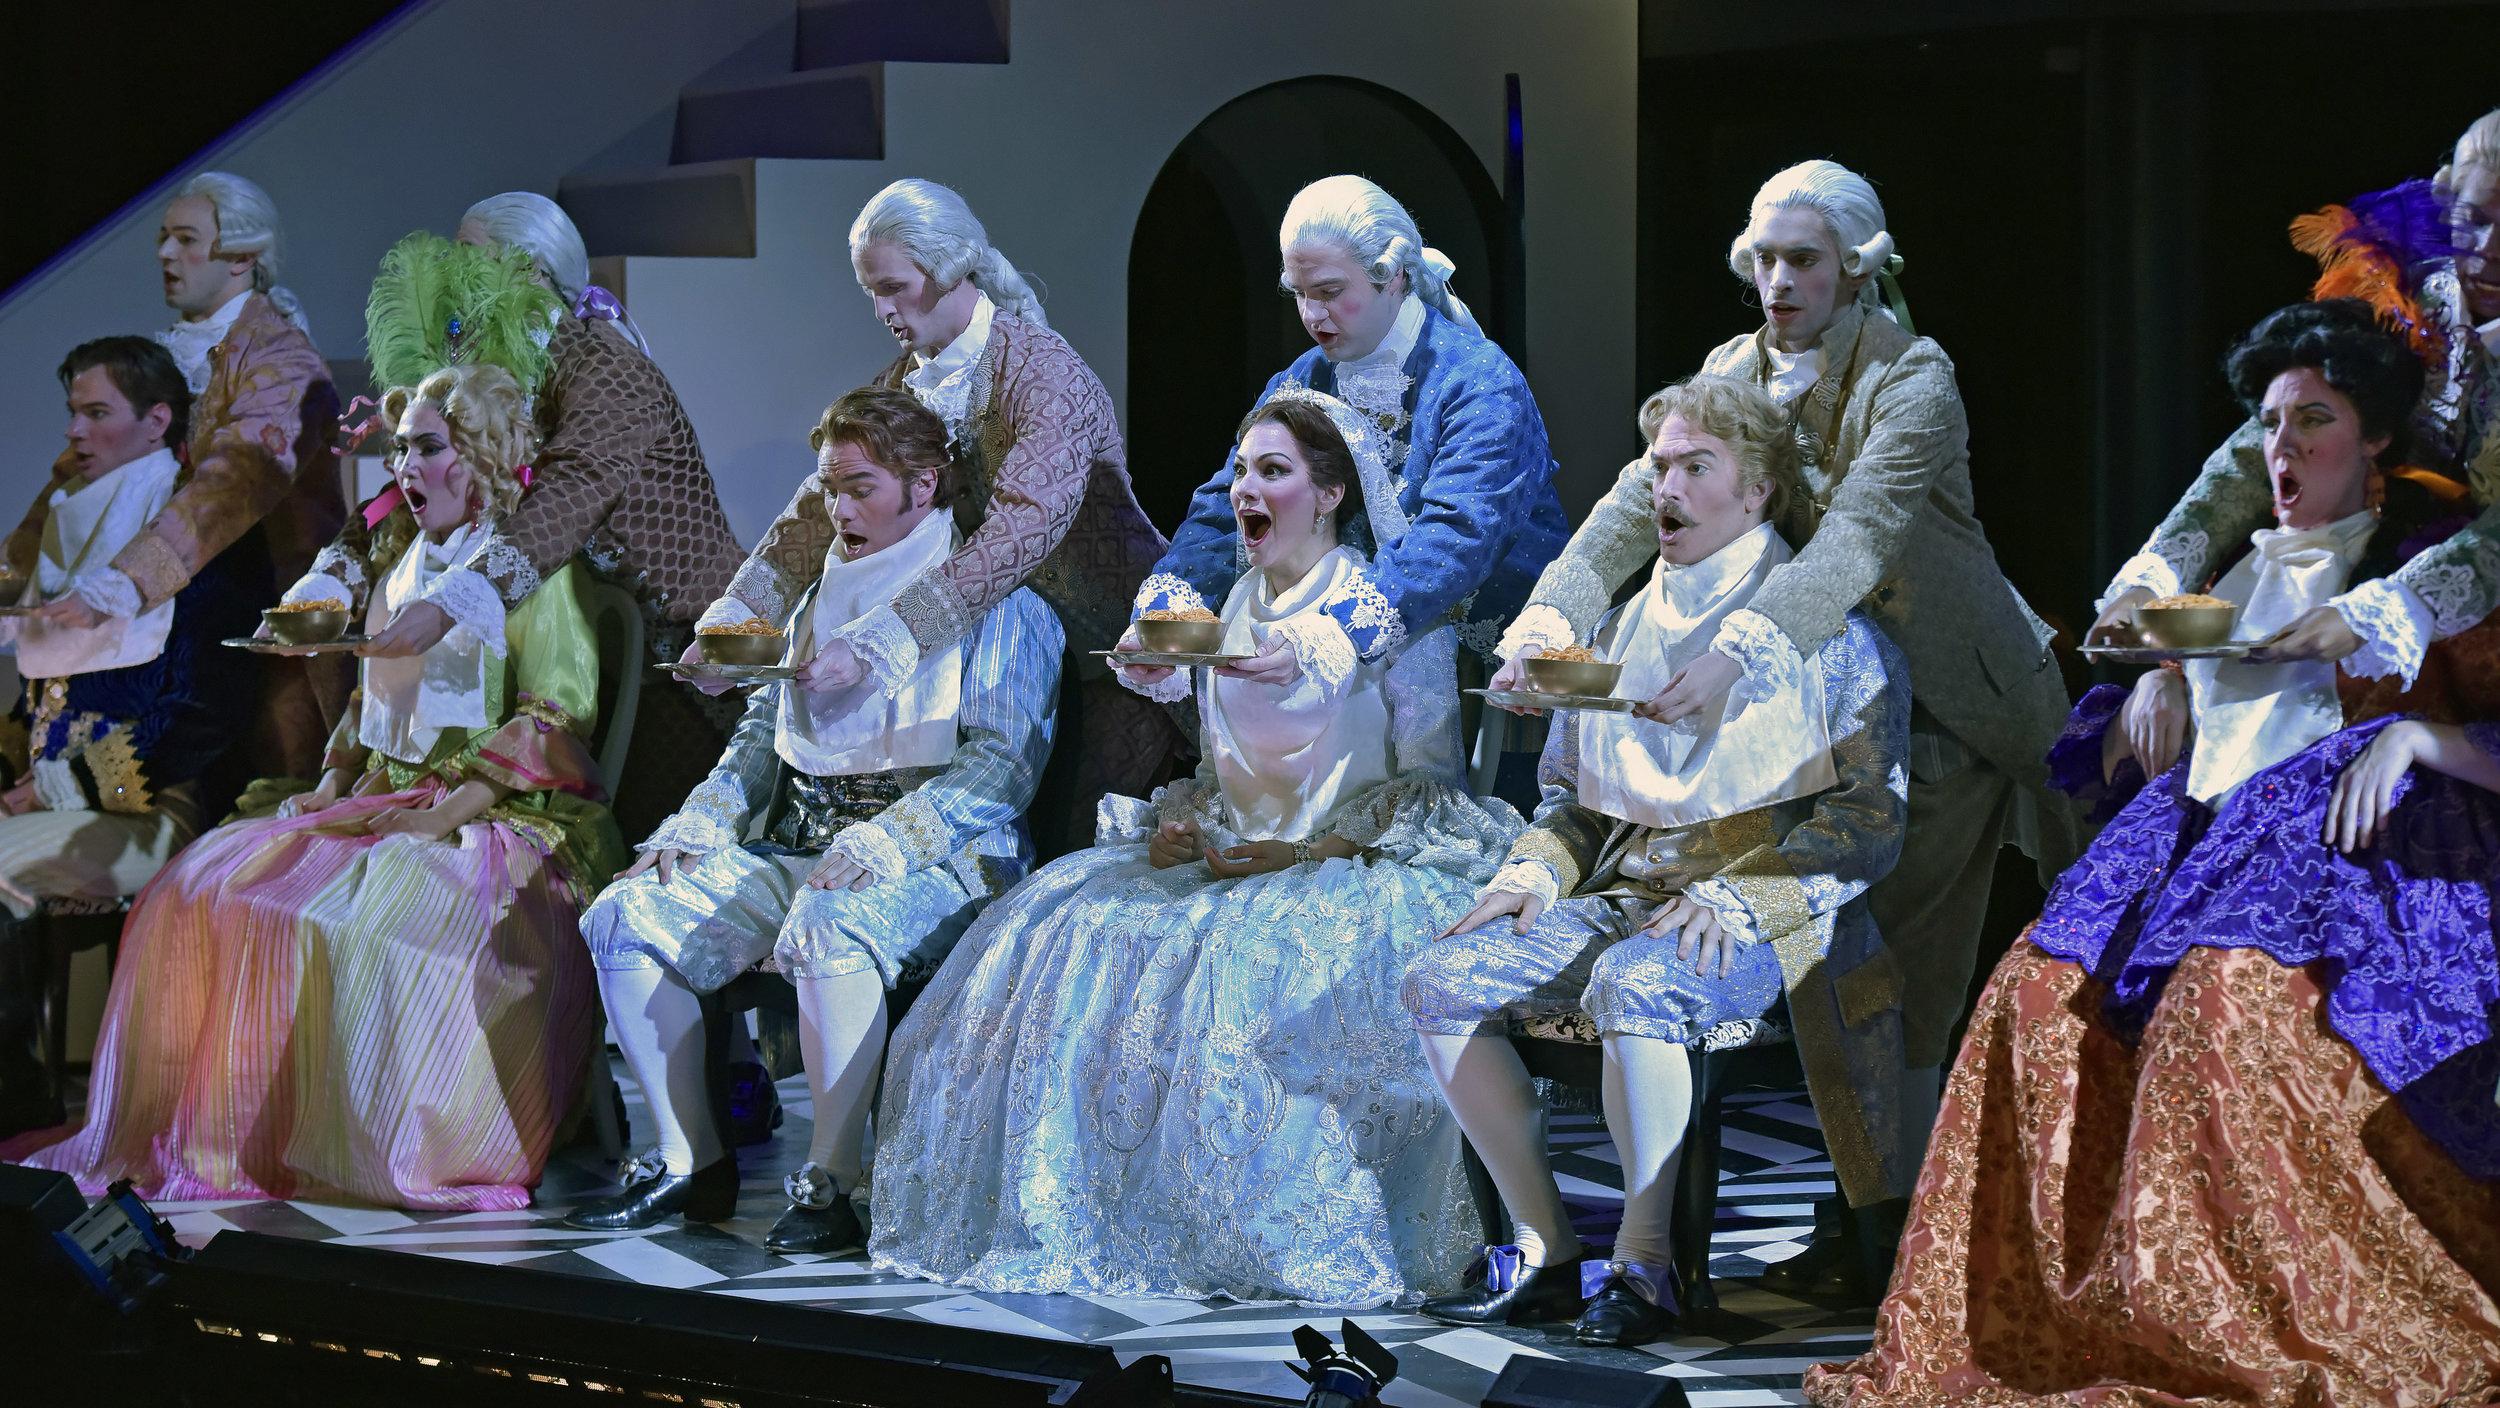 Opera_Saratoga_GG62921.jpg